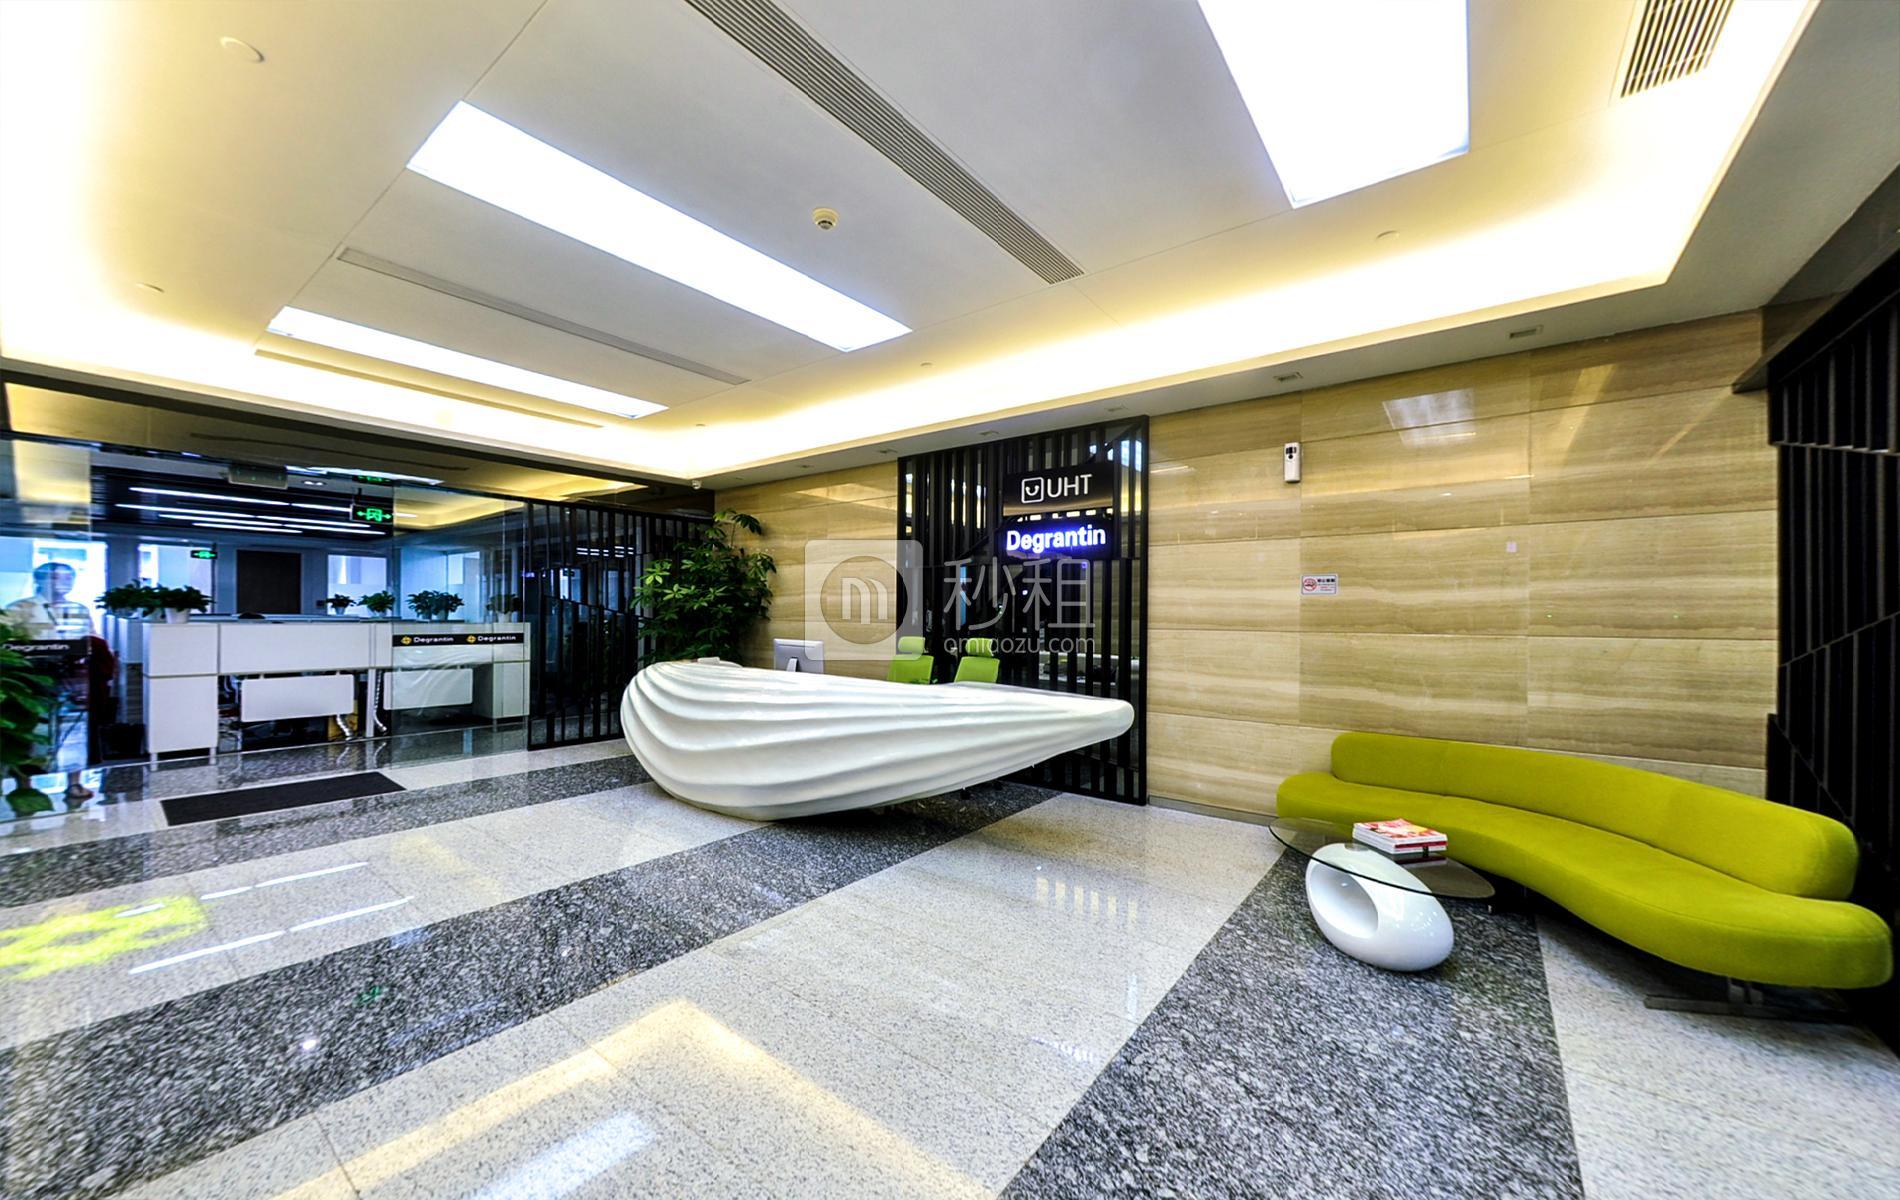 AirS&S-龙光世纪大厦写字楼出租/招租/租赁,AirS&S-龙光世纪大厦办公室出租/招租/租赁